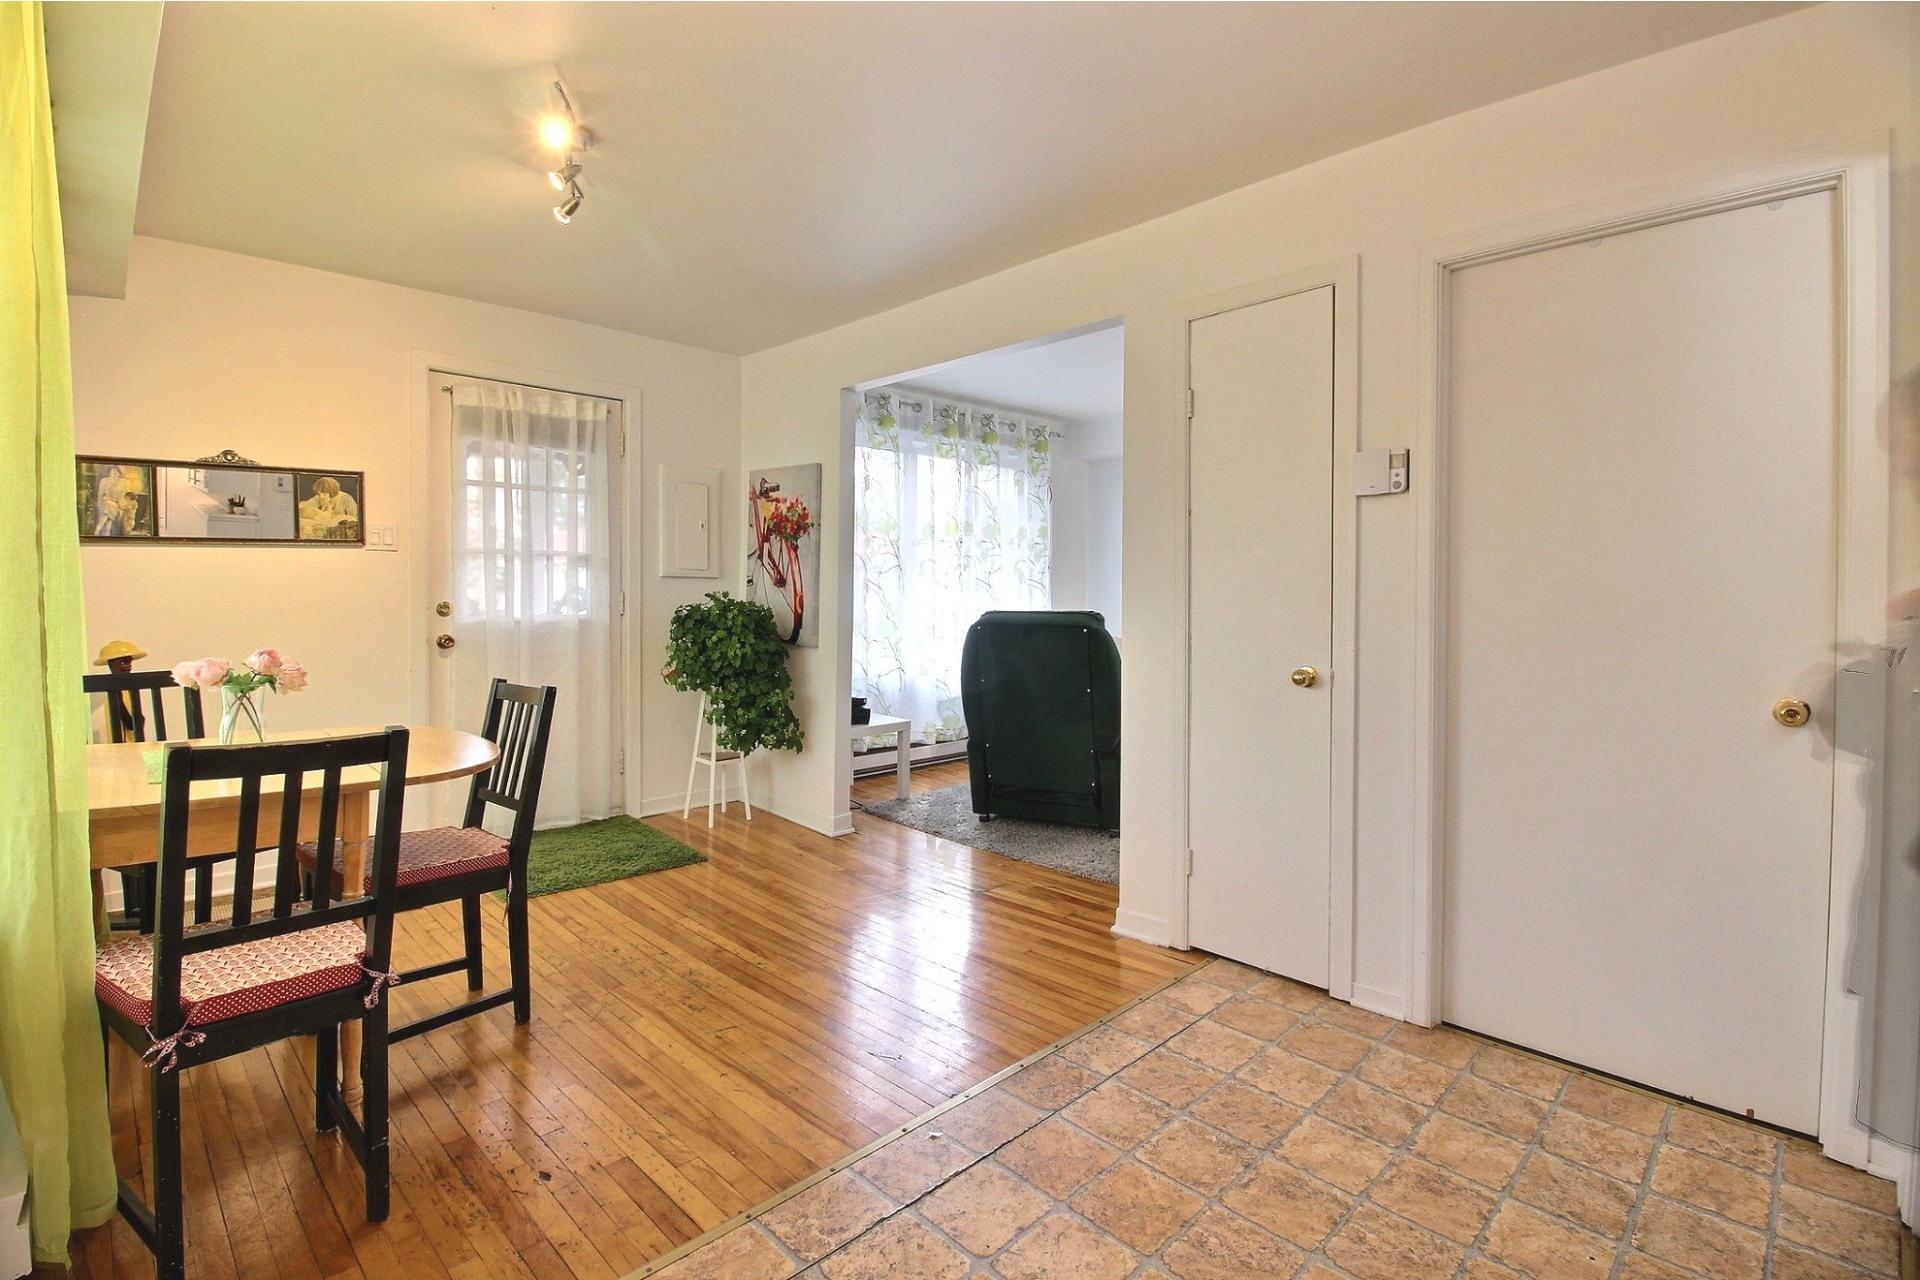 image 5 - Duplex À vendre Montréal Anjou  - 4 pièces